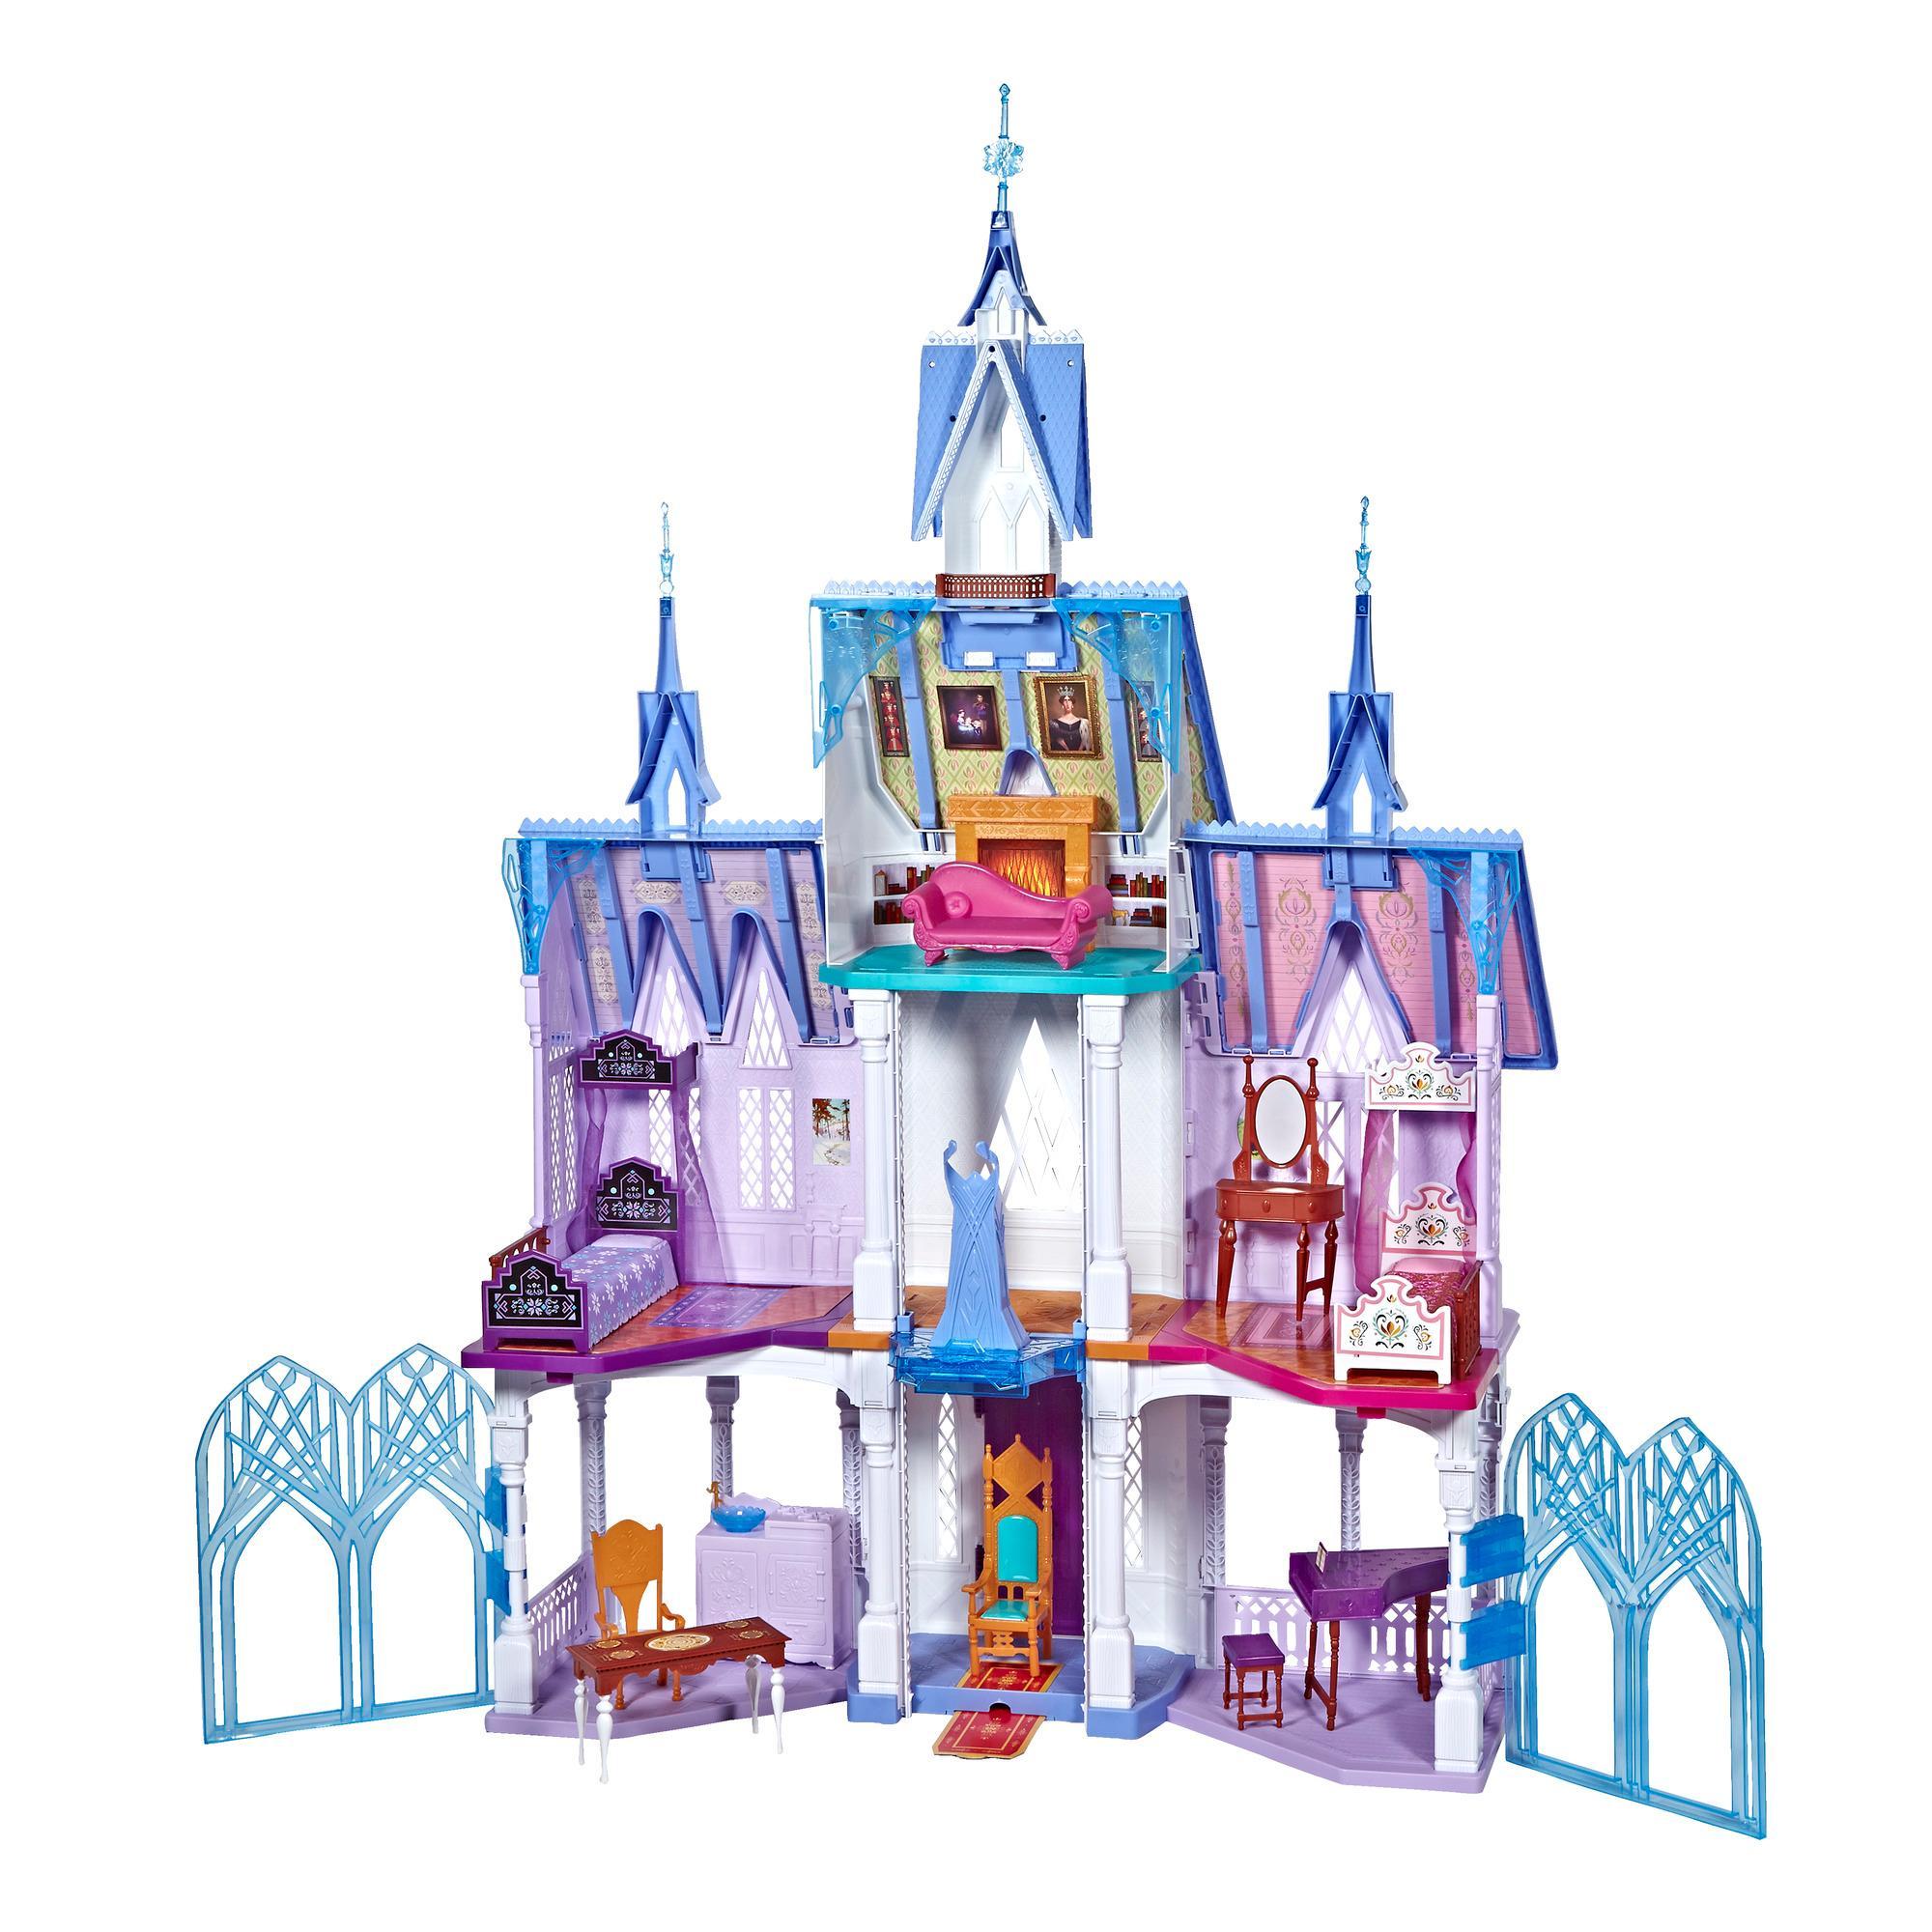 Le château d'Arendelle